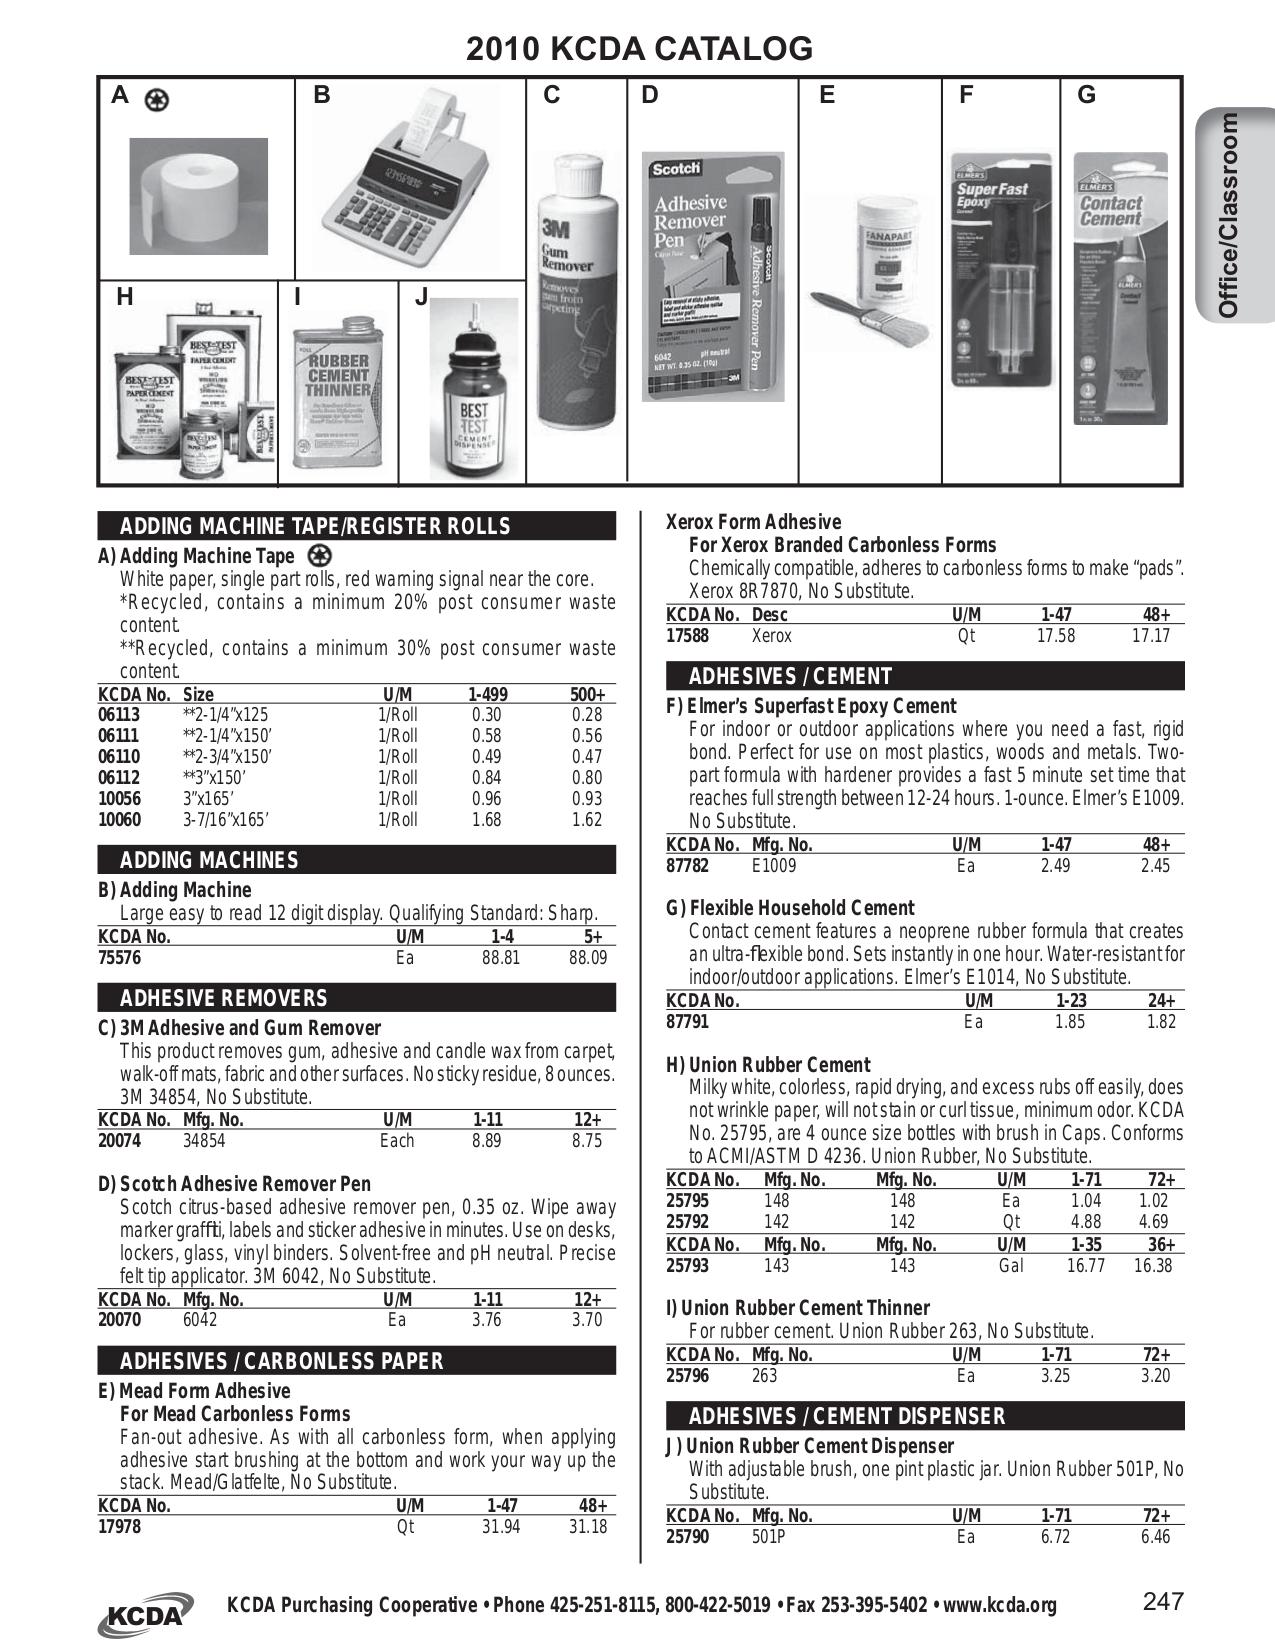 download free pdf for panasonic kx fpg372 fax machine manual rh umlib com manual de fax panasonic kx-ft981 en español manual de usuario fax panasonic kx-f90